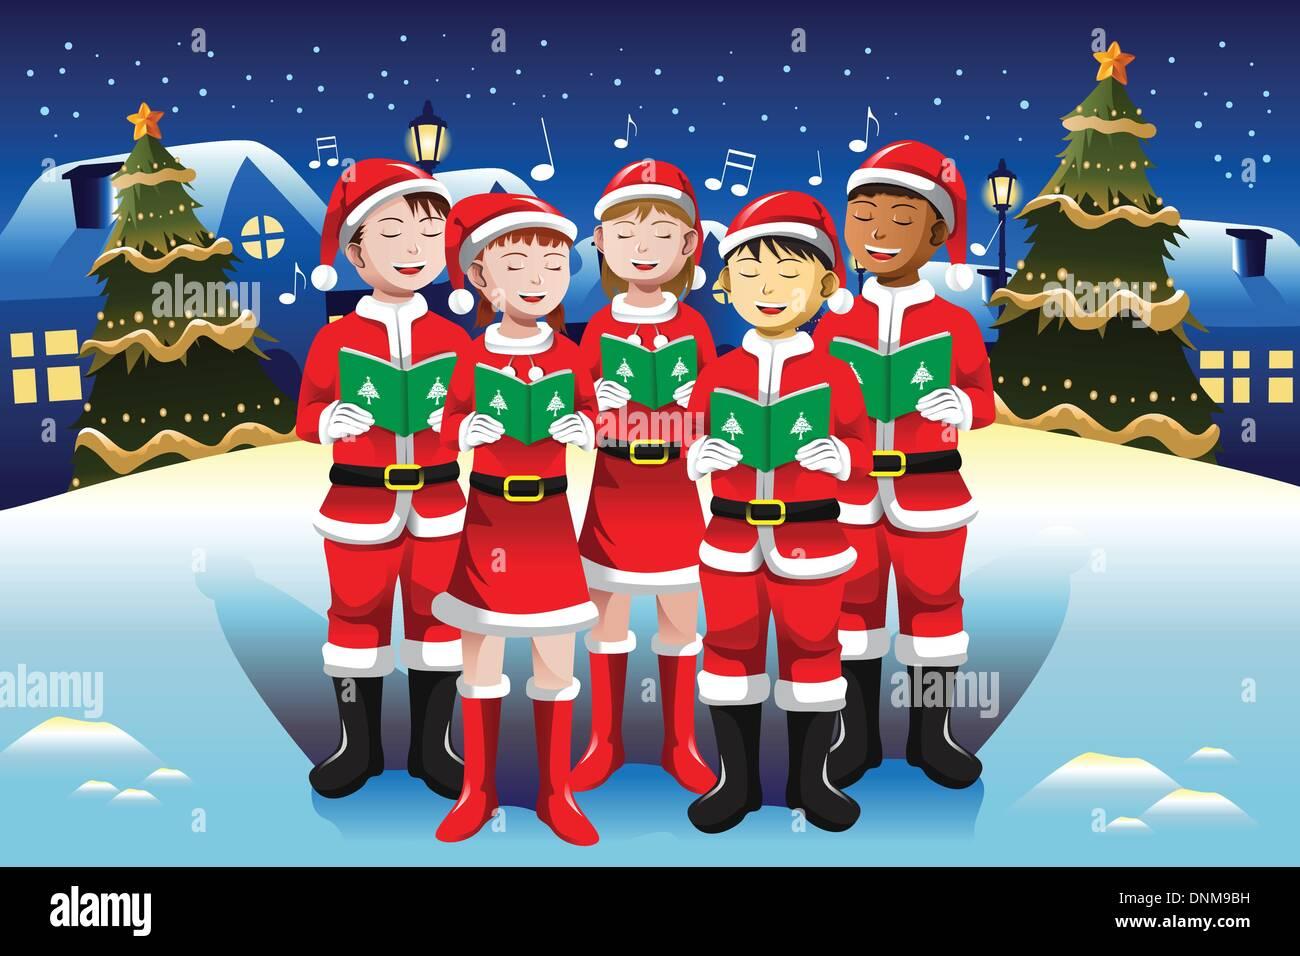 Coro Di Natale.Una Illustrazione Vettoriale Di Contenti I Bambini A Cantare In Coro Di Natale Immagine E Vettoriale Alamy